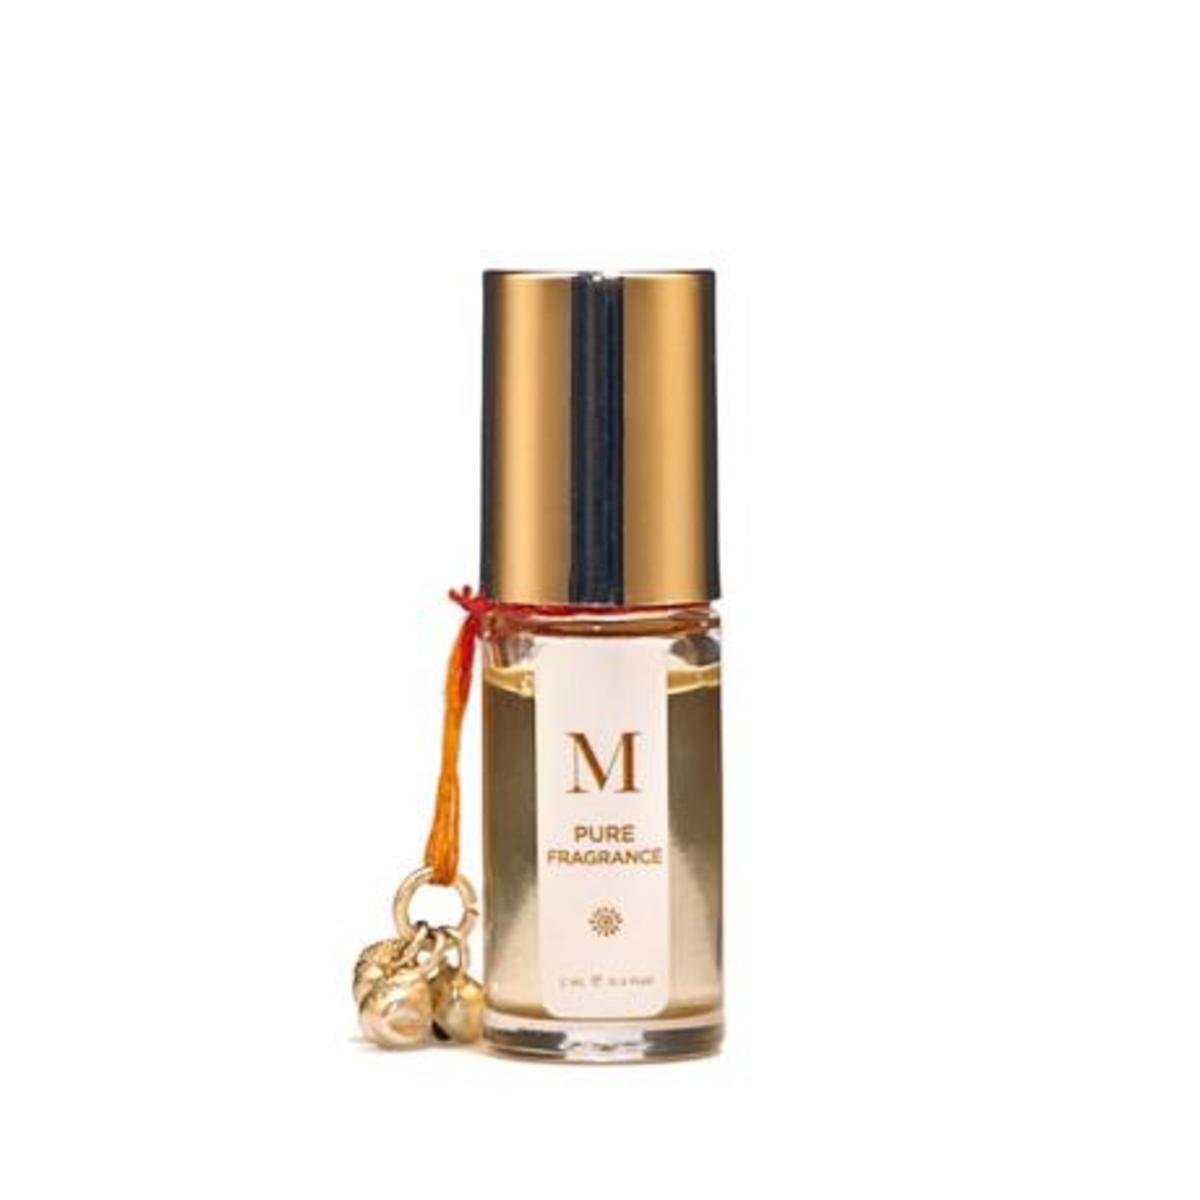 Mauli Rituals M Pure Fragrance Oil for Men